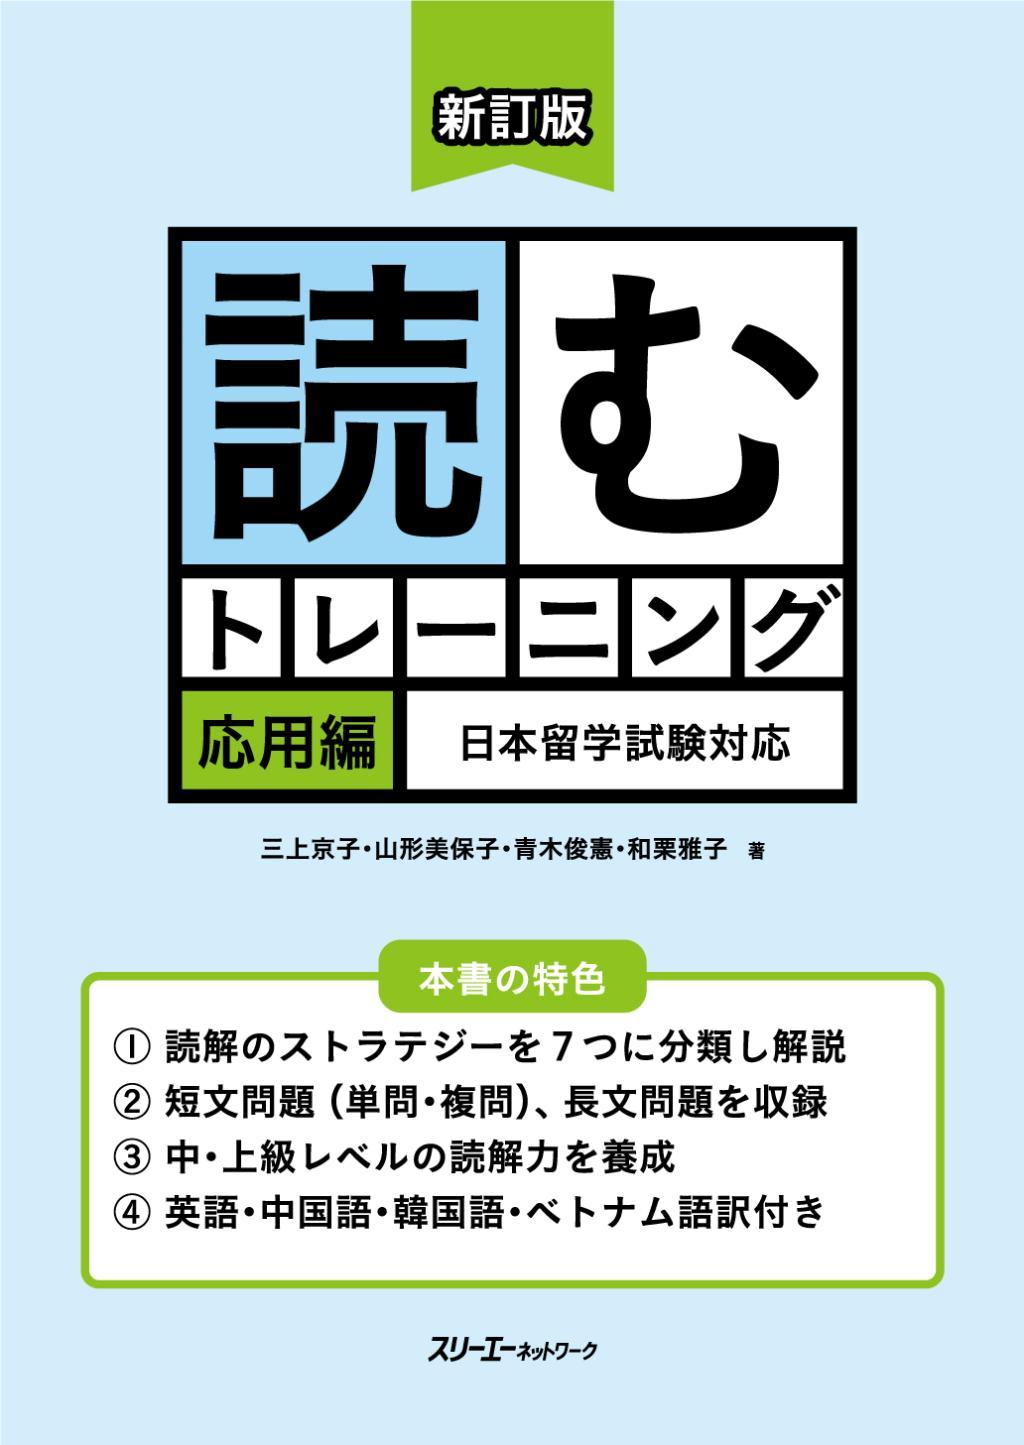 新訂版 読むトレーニング 応用編 日本留学試験対応の画像